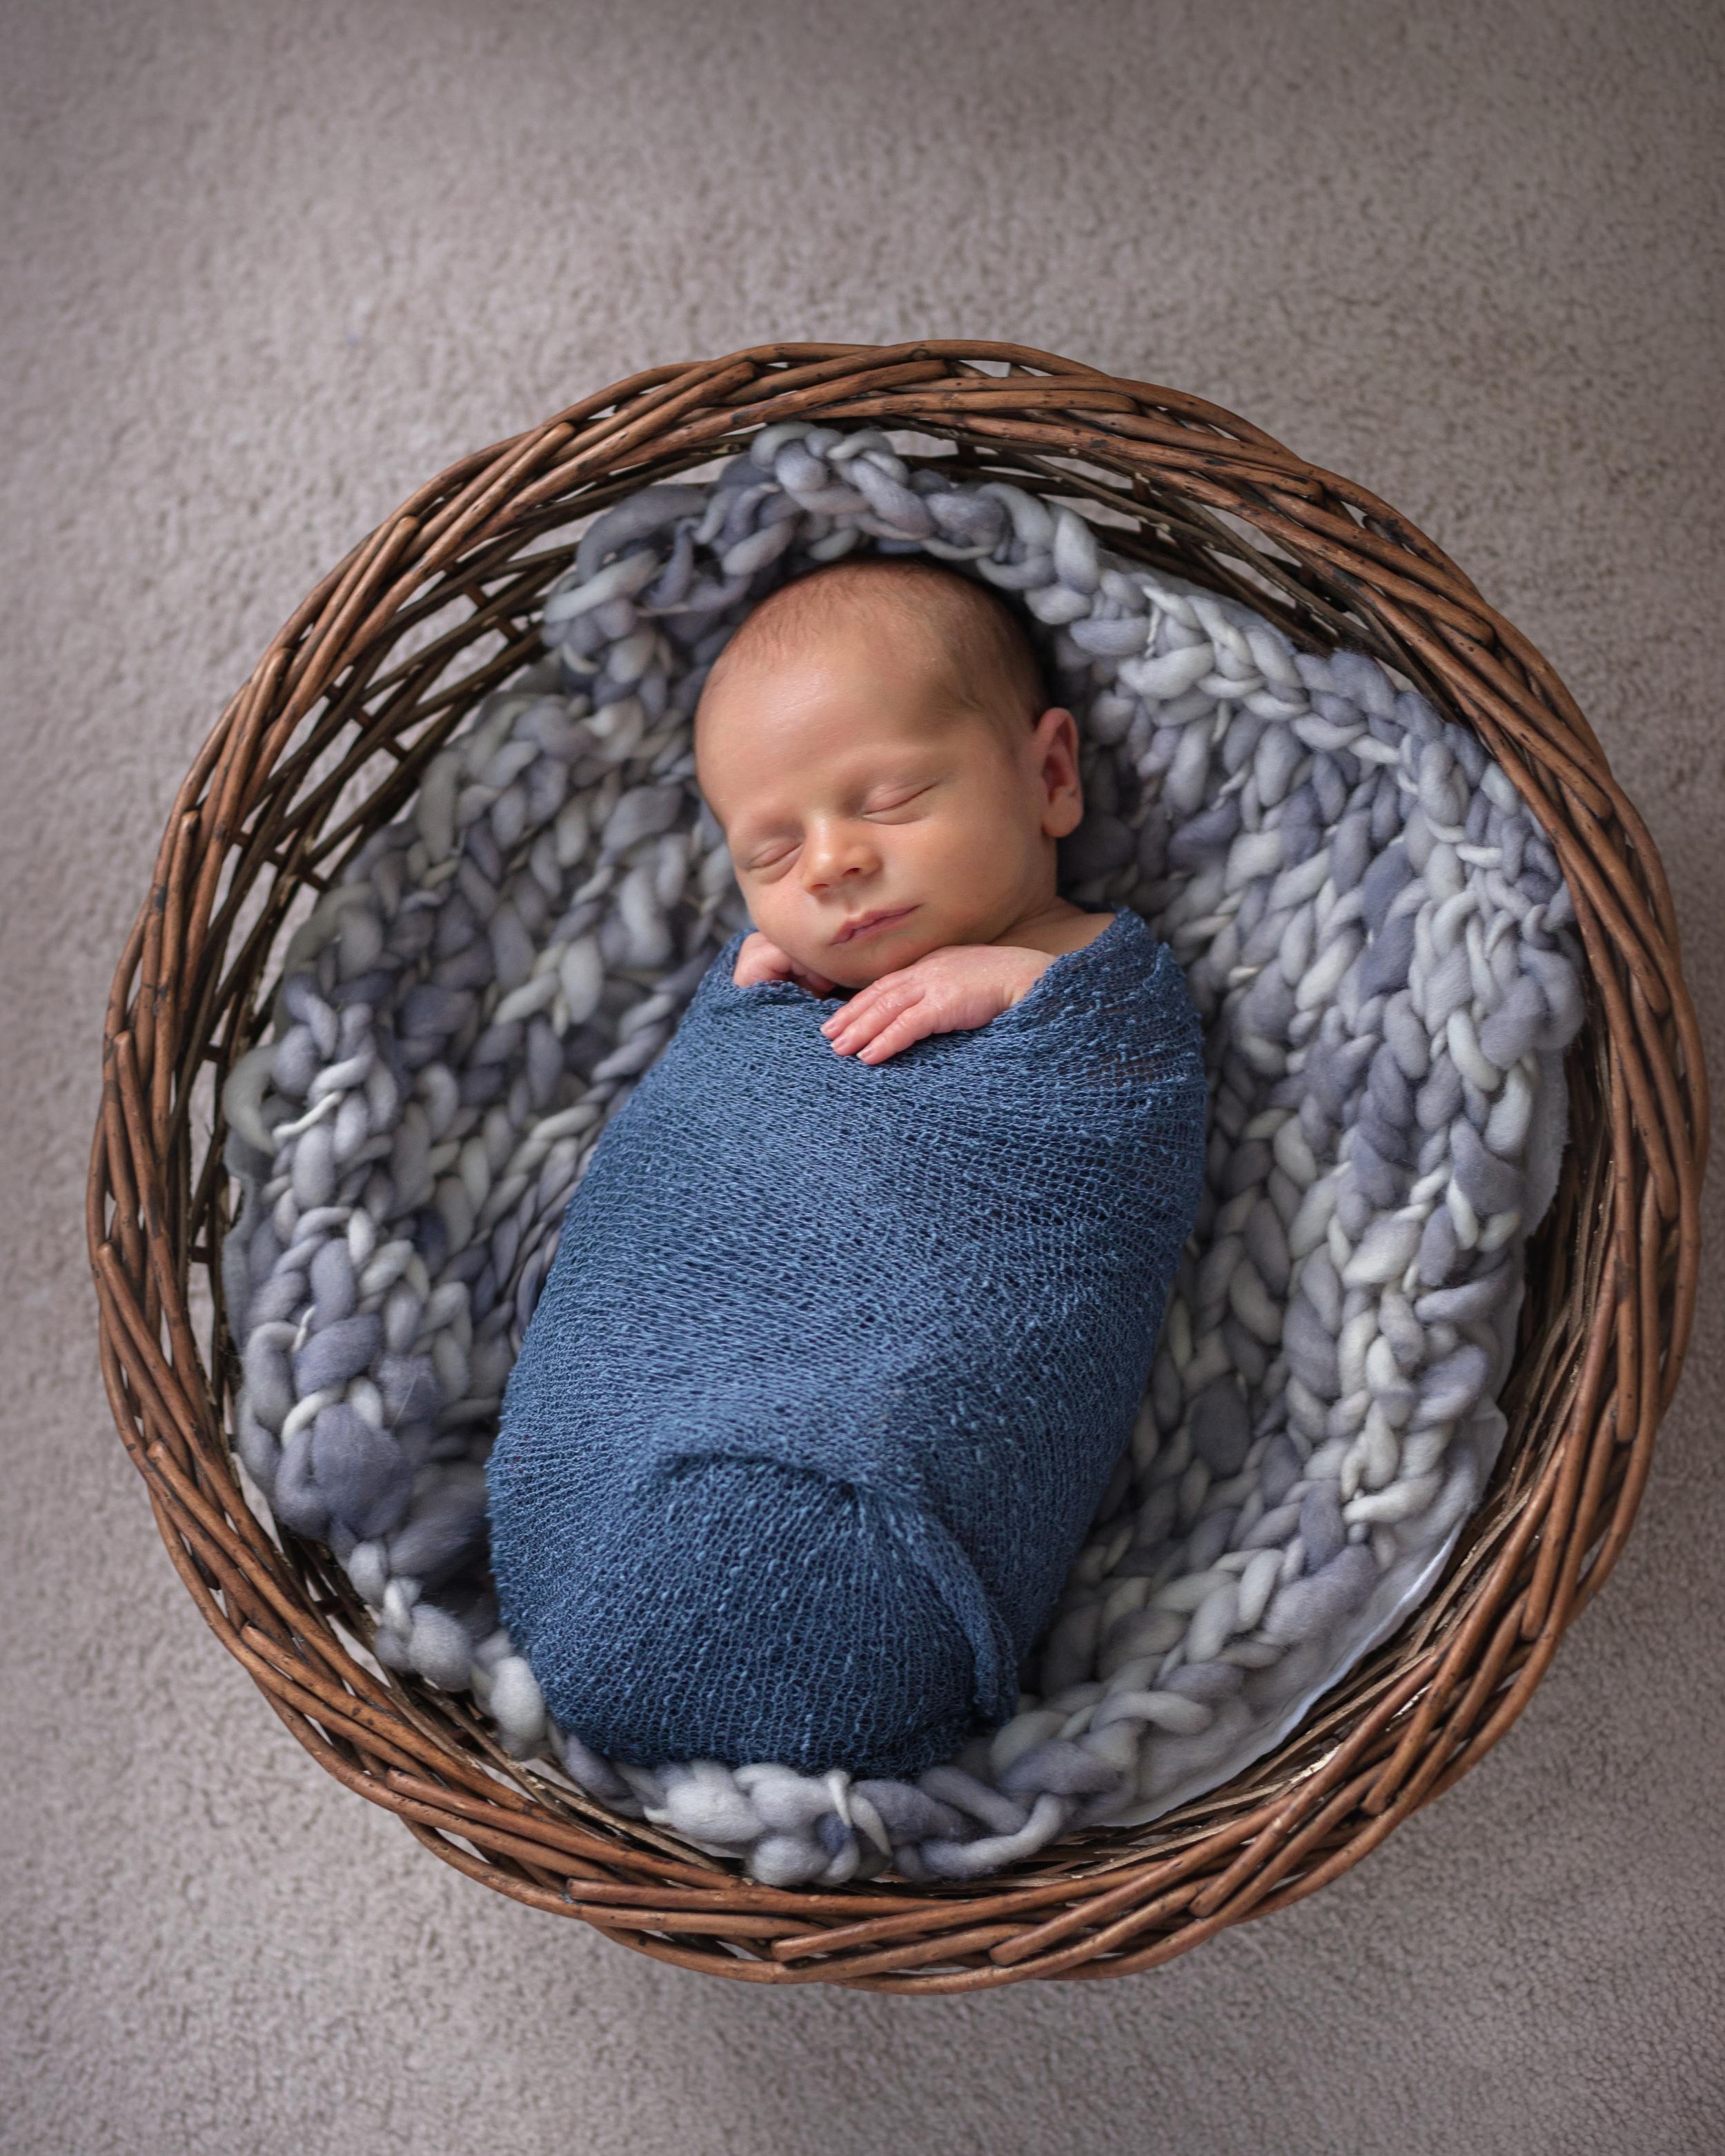 BabyNoah-31.jpg